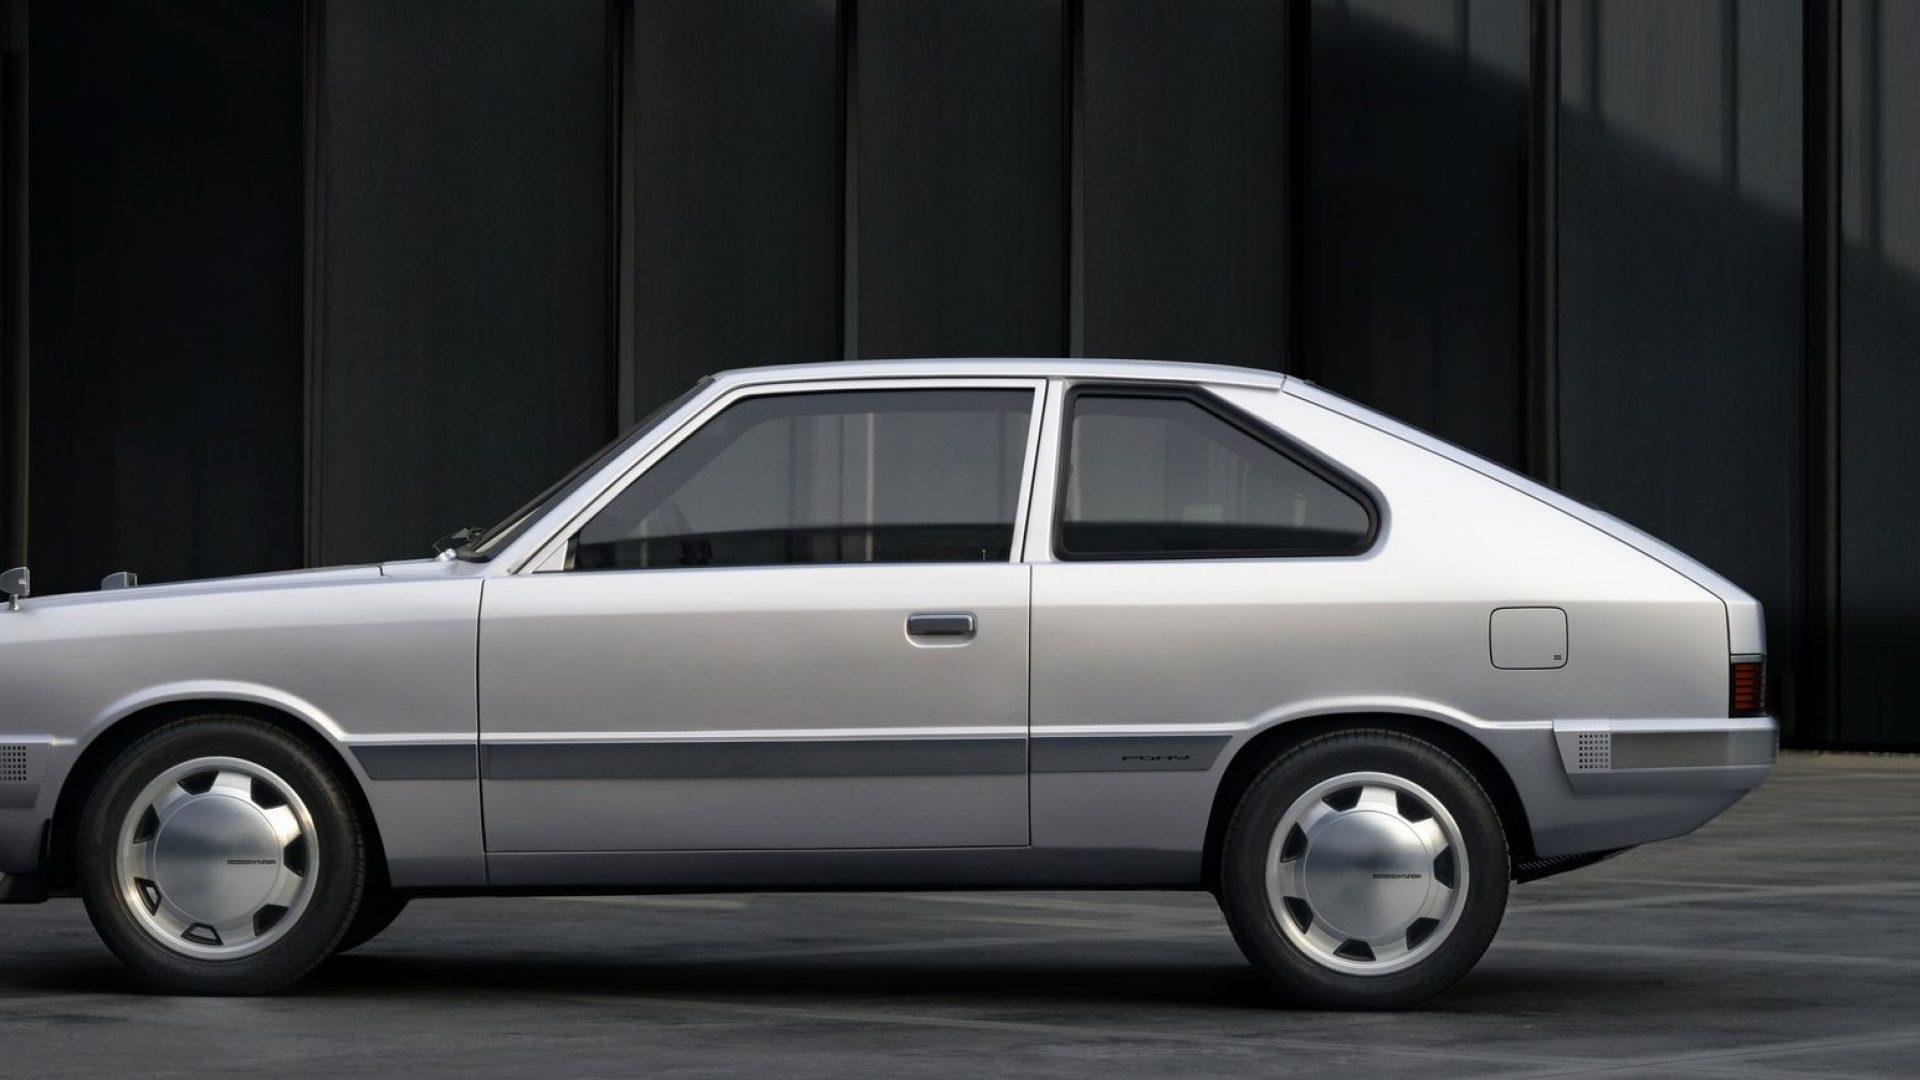 2021-Hyundai-Pony-EV-Show-Car-04